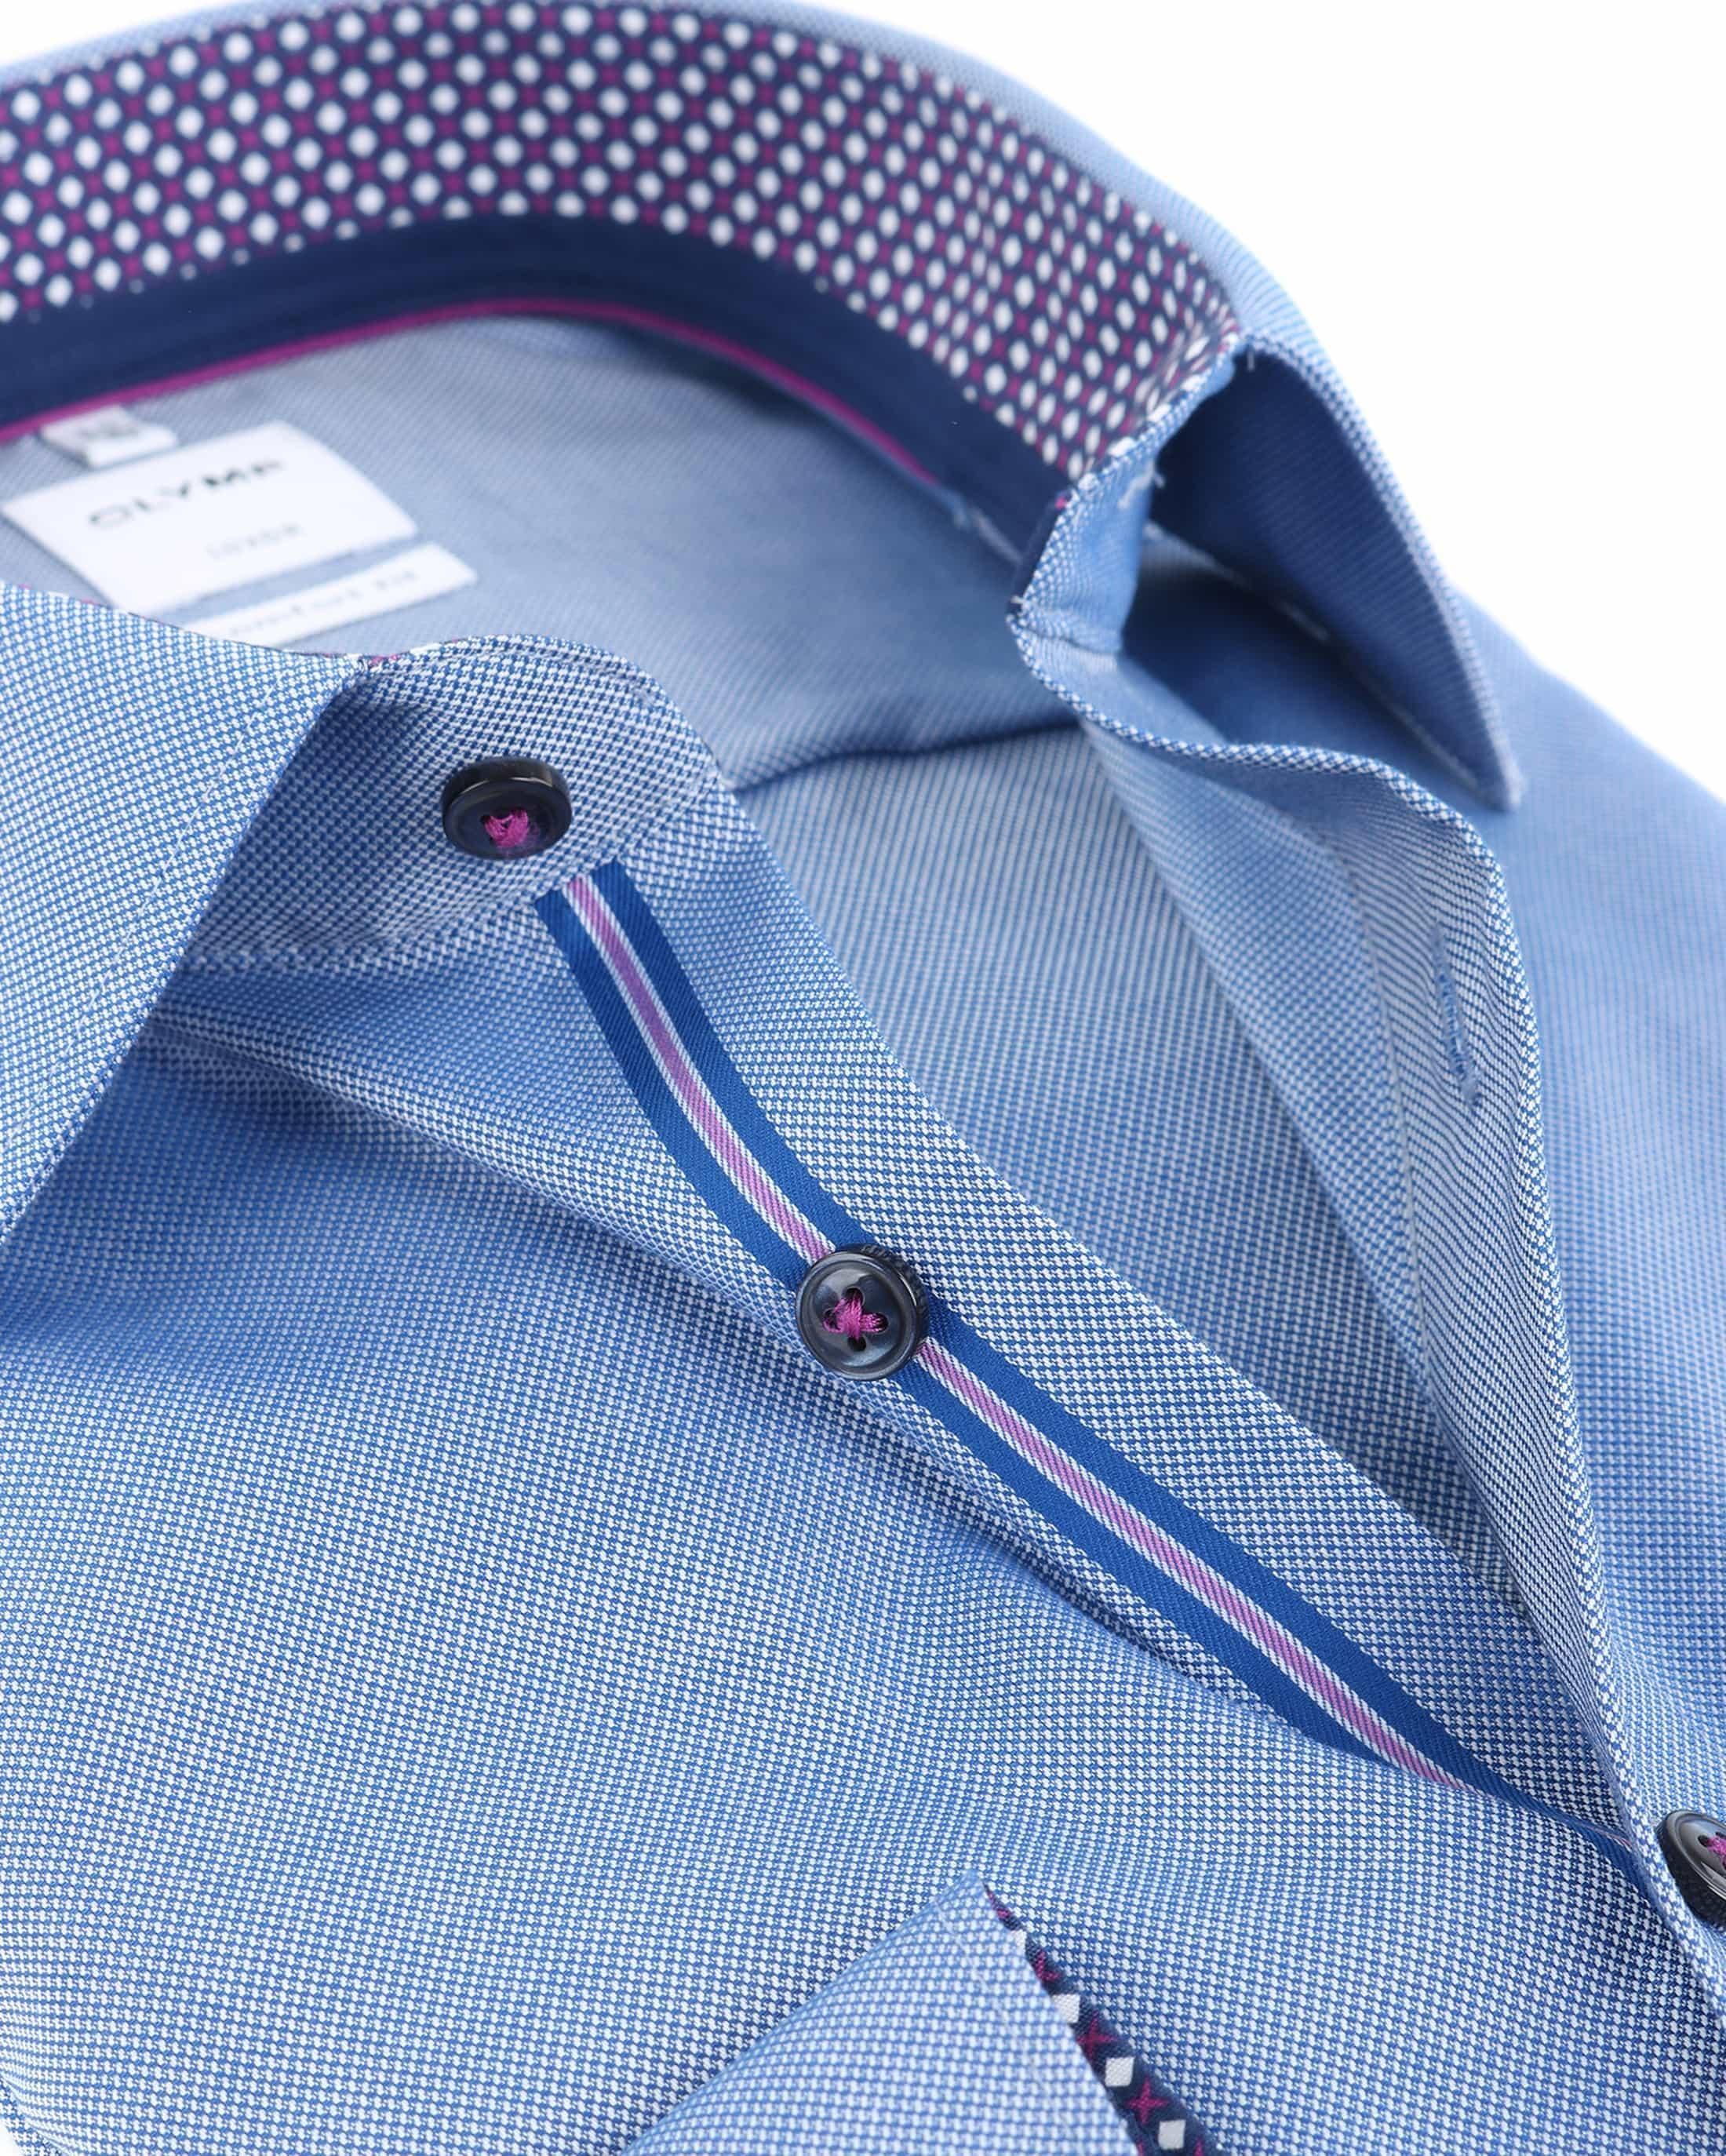 OLYMP Luxor Overhemd Strijkvrij Blauw Comfort Fit foto 1